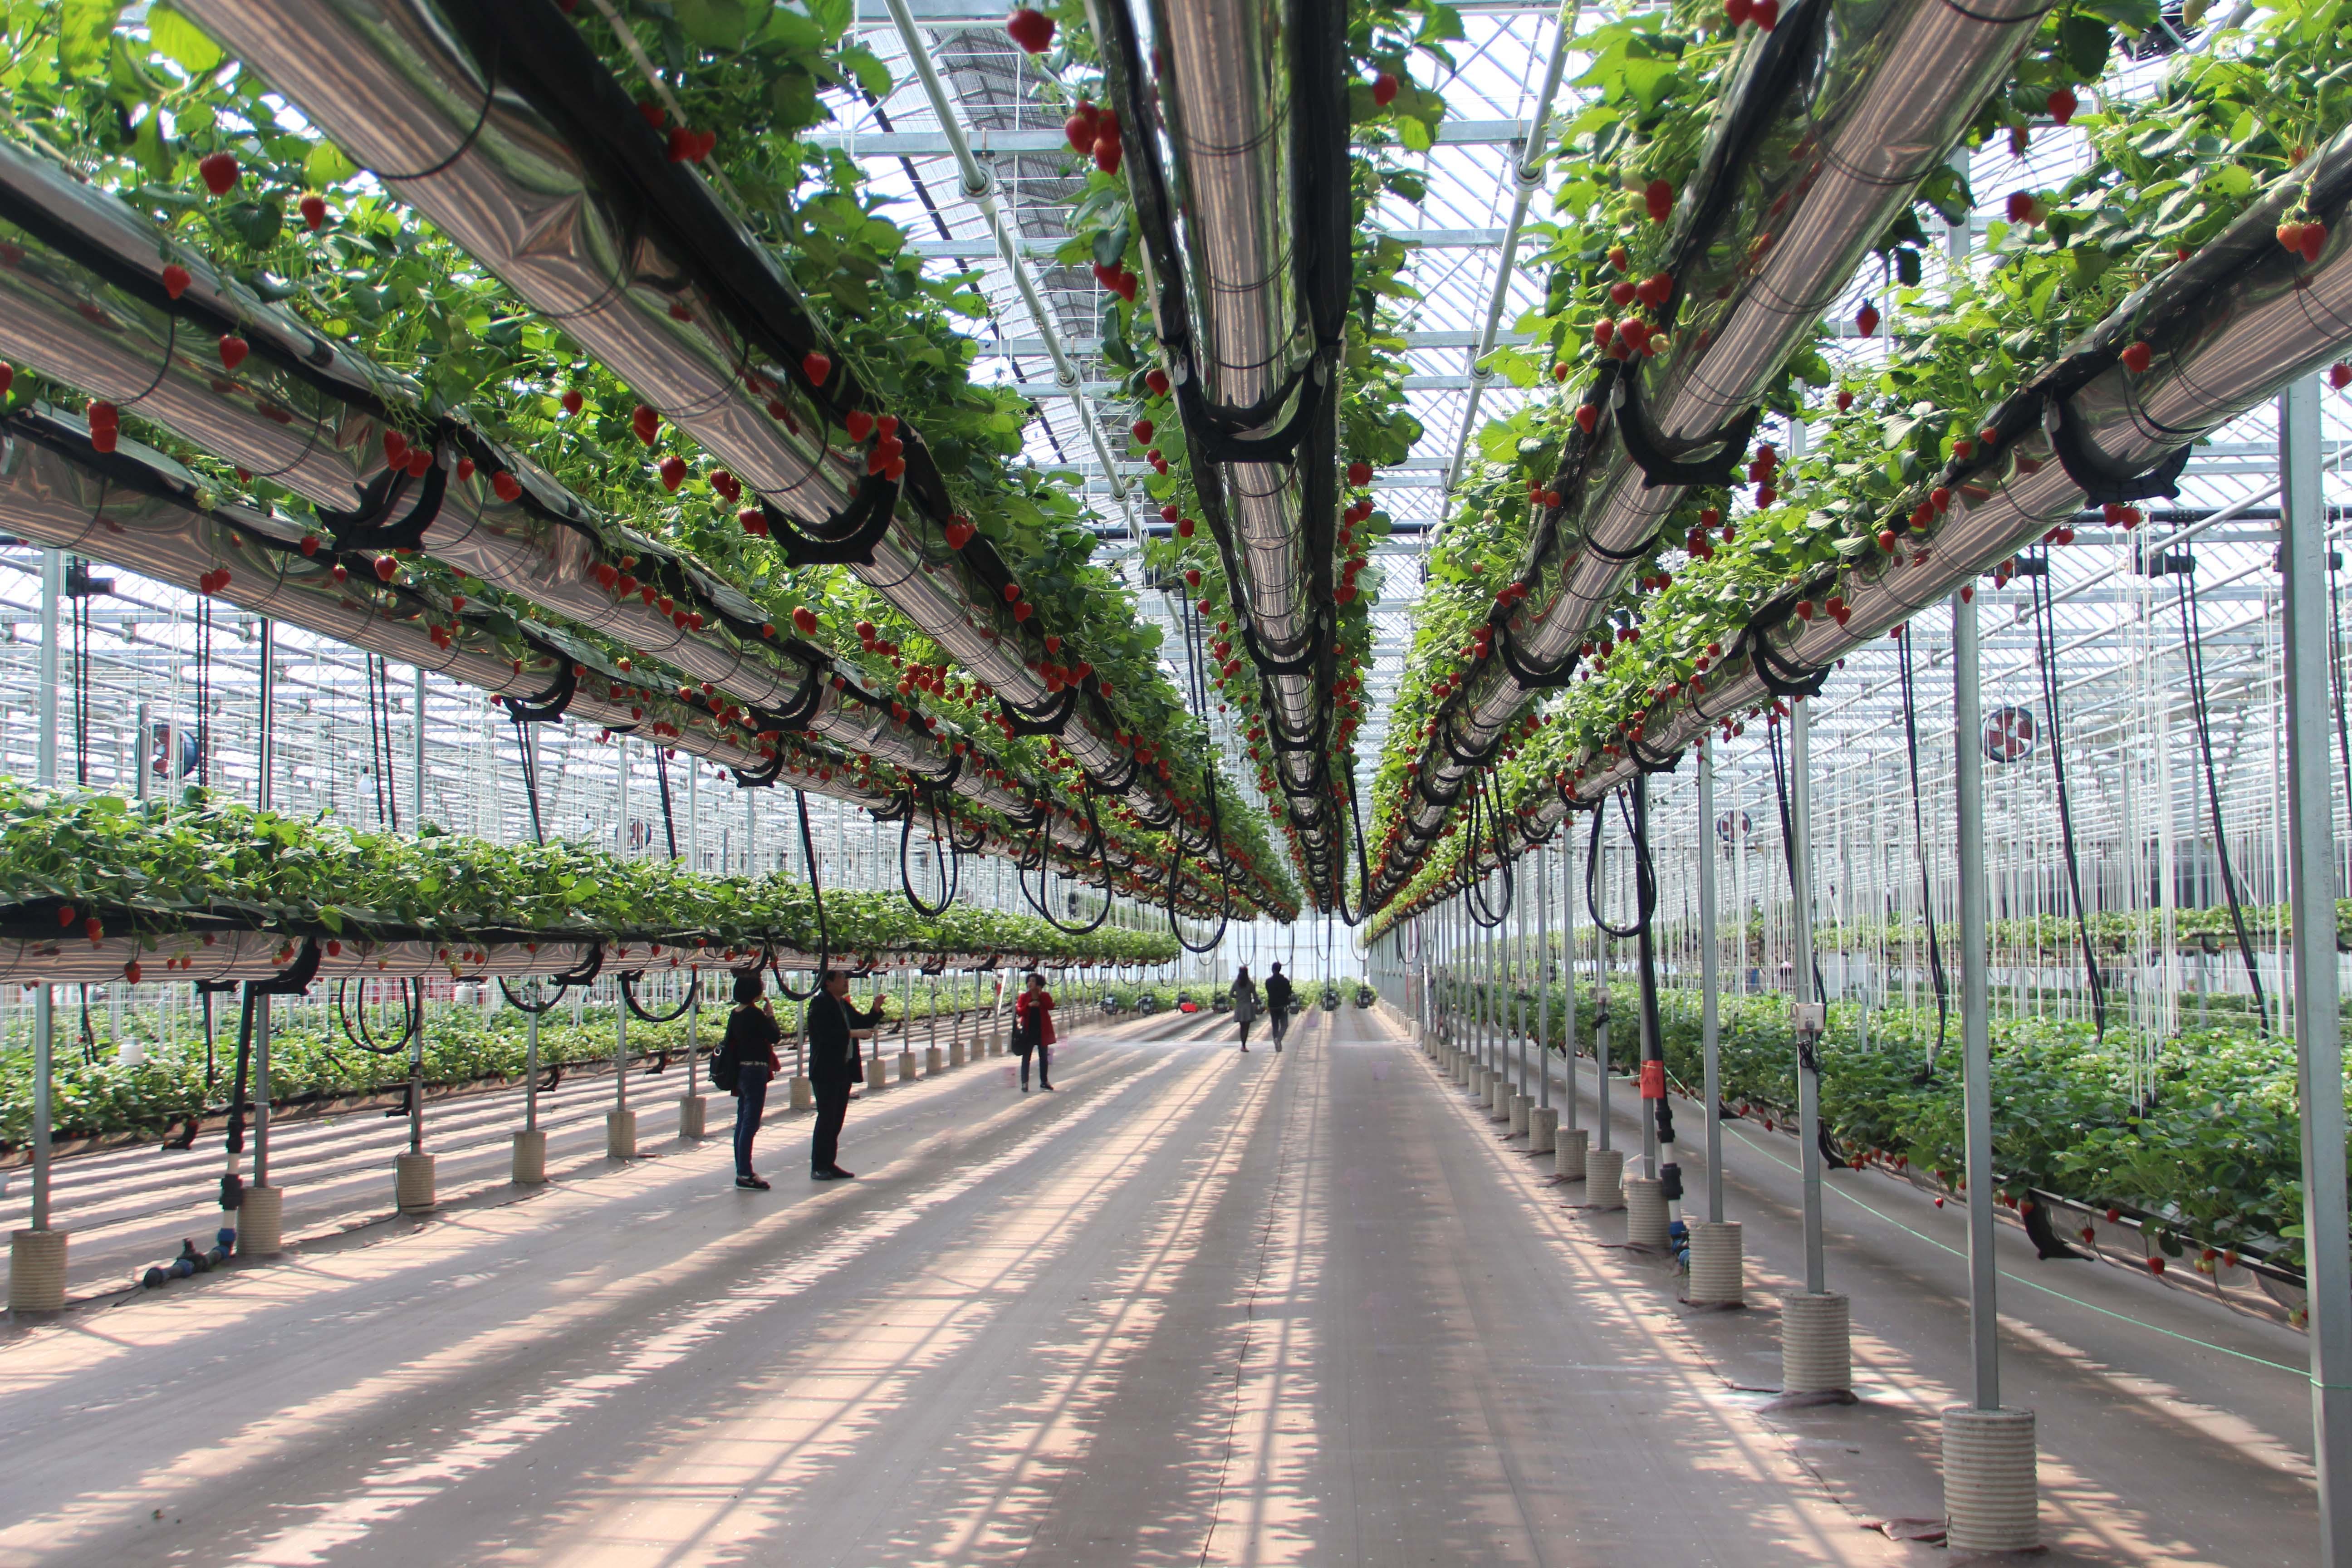 昊天机电-空中草莓栽培系统   照片